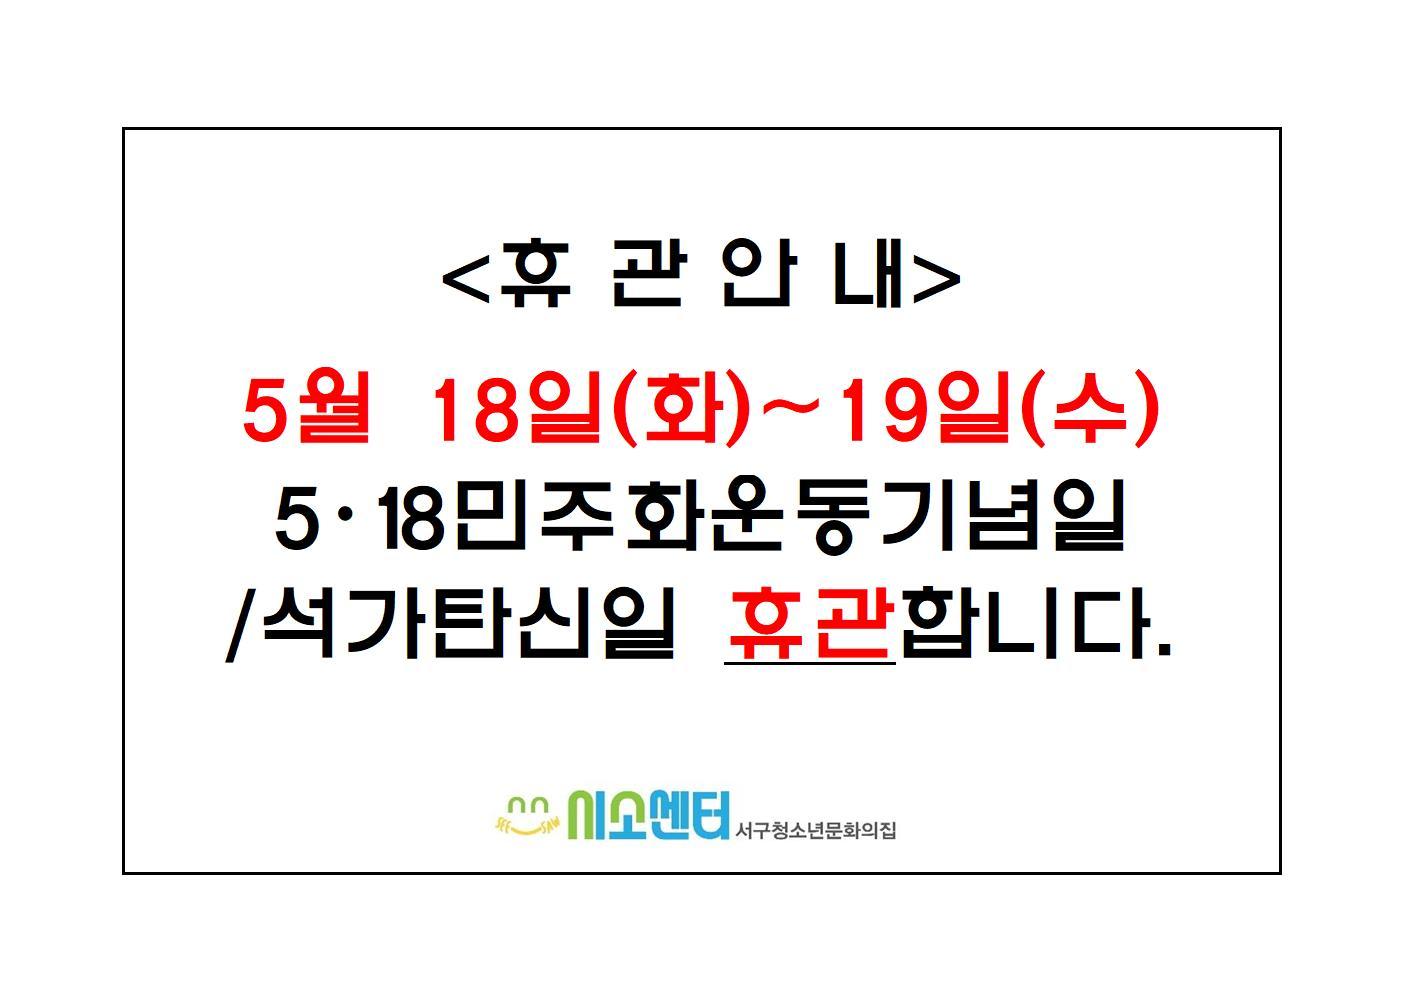 2021-05-08 518 석가탄신일 휴관001.jpg